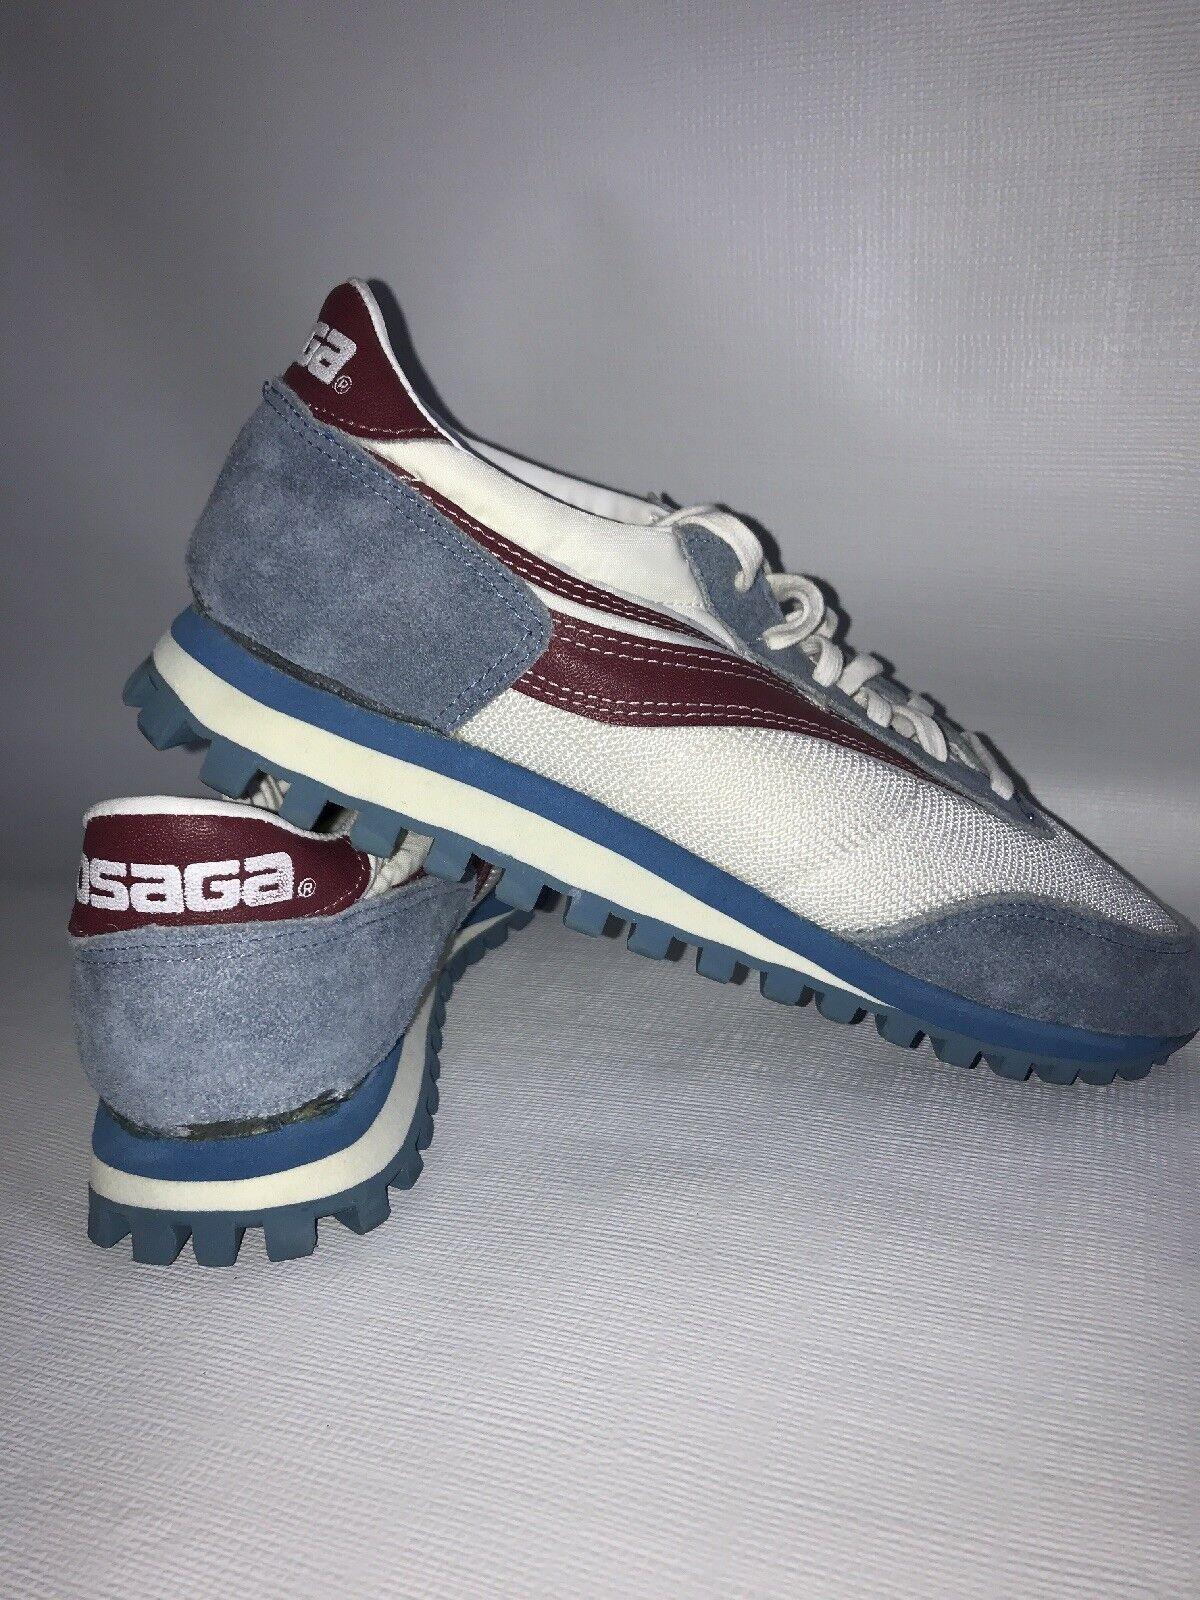 Osaga KT-26 Vintage Zapatillas años 70 Dunlop blancoo Azul Menta usado en excelente estado para hombre 9